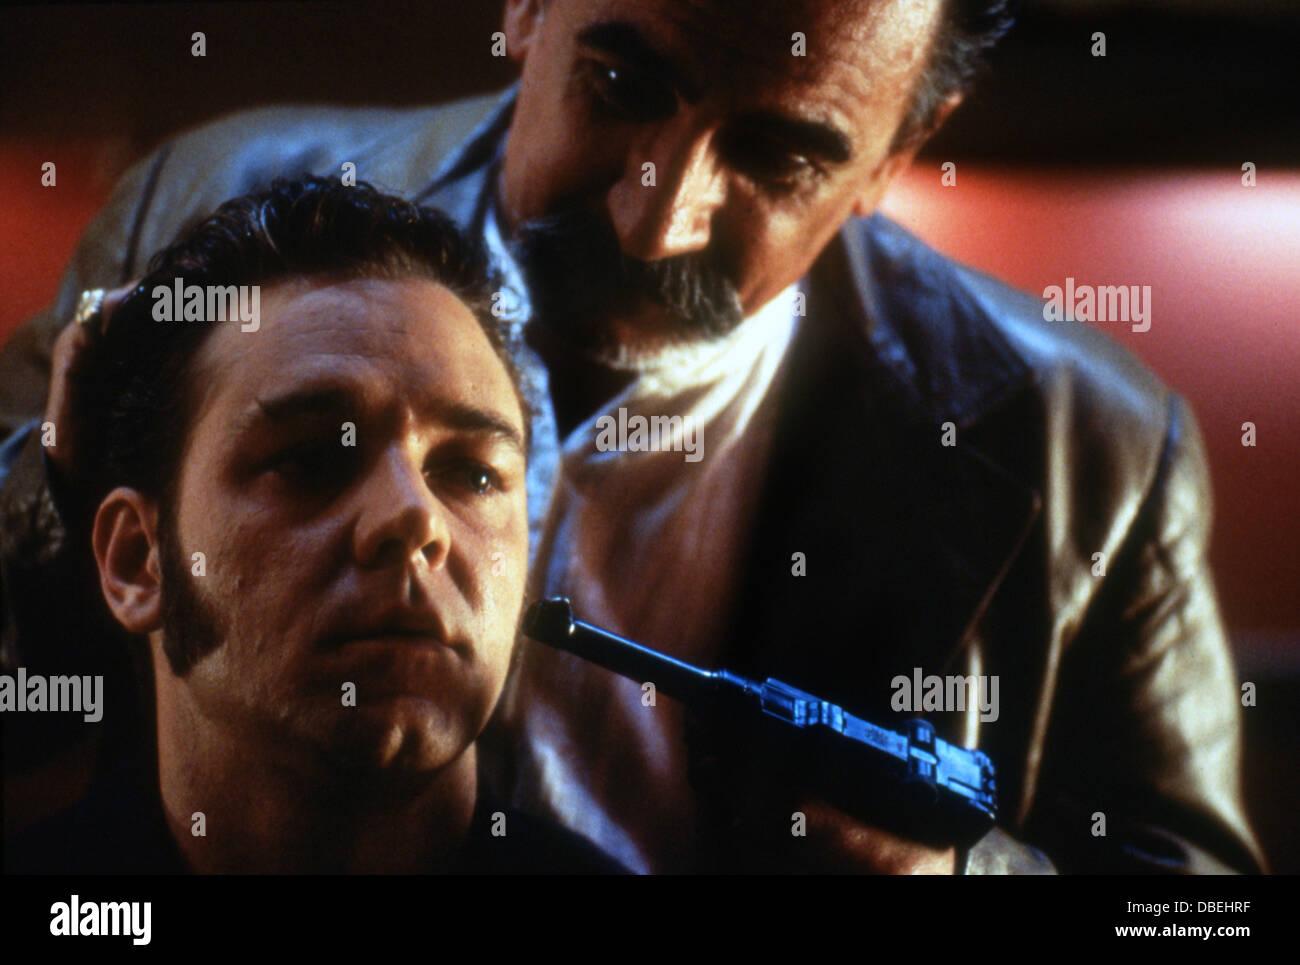 Cieli masterizzazione (1997) Russell Crowe, craig lahiff (dir), EB 002 collezione moviestore ltd Immagini Stock